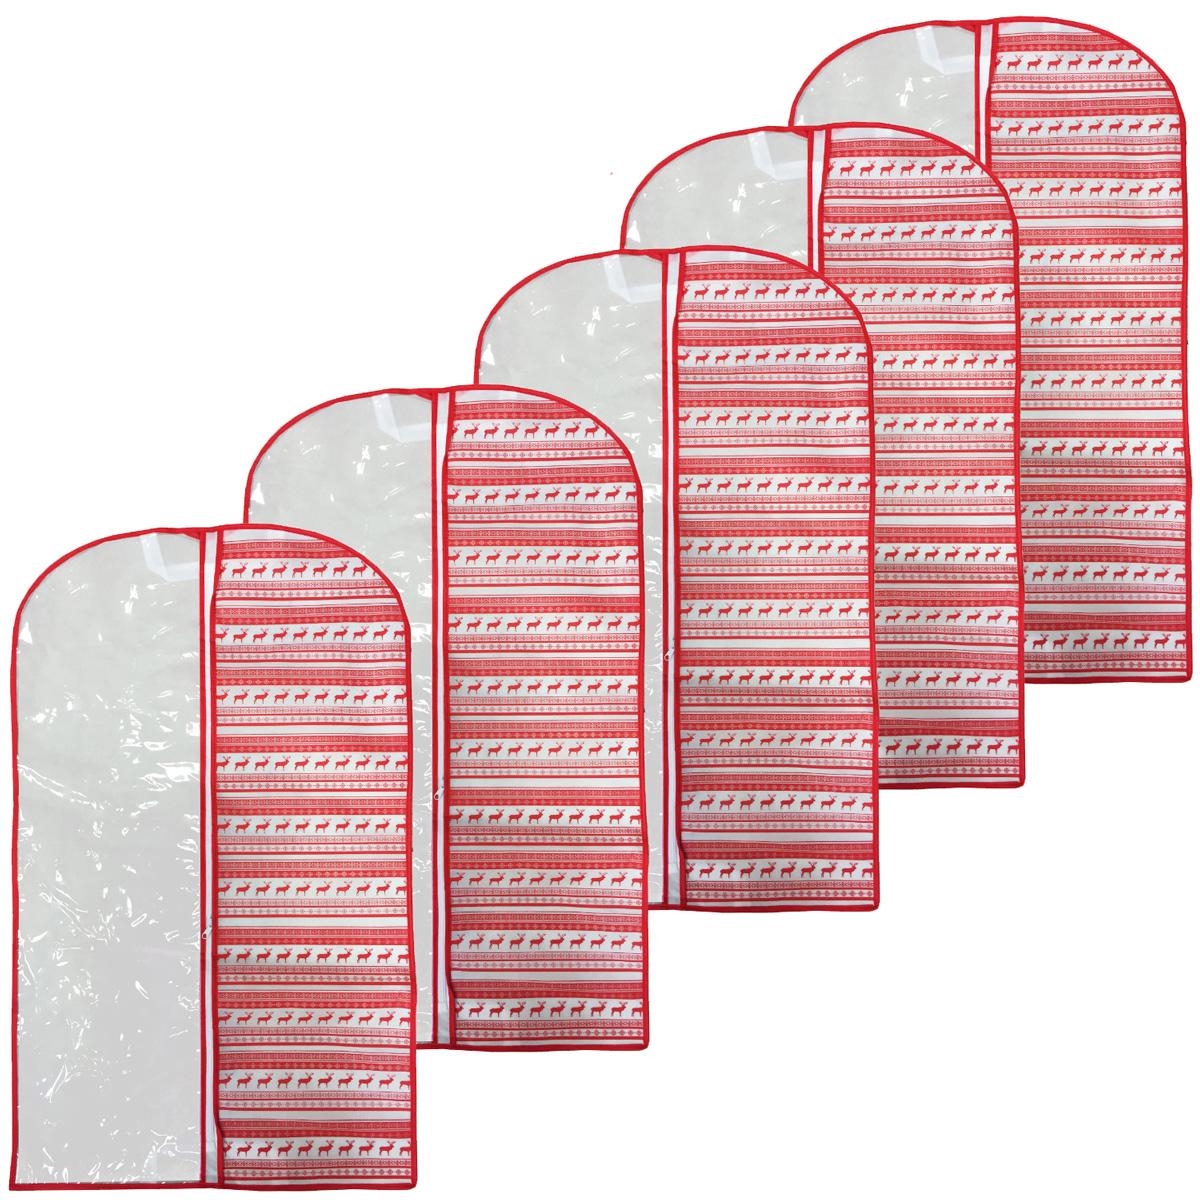 Набор чехлов для одежды Homsu Scandinavia, 60 х 120 х 10 см, 5 штБрелок для ключейУдобный набор чехлов для одежды Homsu Scandinavia, выполненных из поливинилхлорида и спанбонда, обеспечит надежное хранение вашей одежды, защитит от повреждений во время хранения и транспортировки, а также от пыли и грязи. Чехлы легко чистятся при помощи влажной тряпки. Изделия дополнены застежкой-молнией и оформлены принтом.